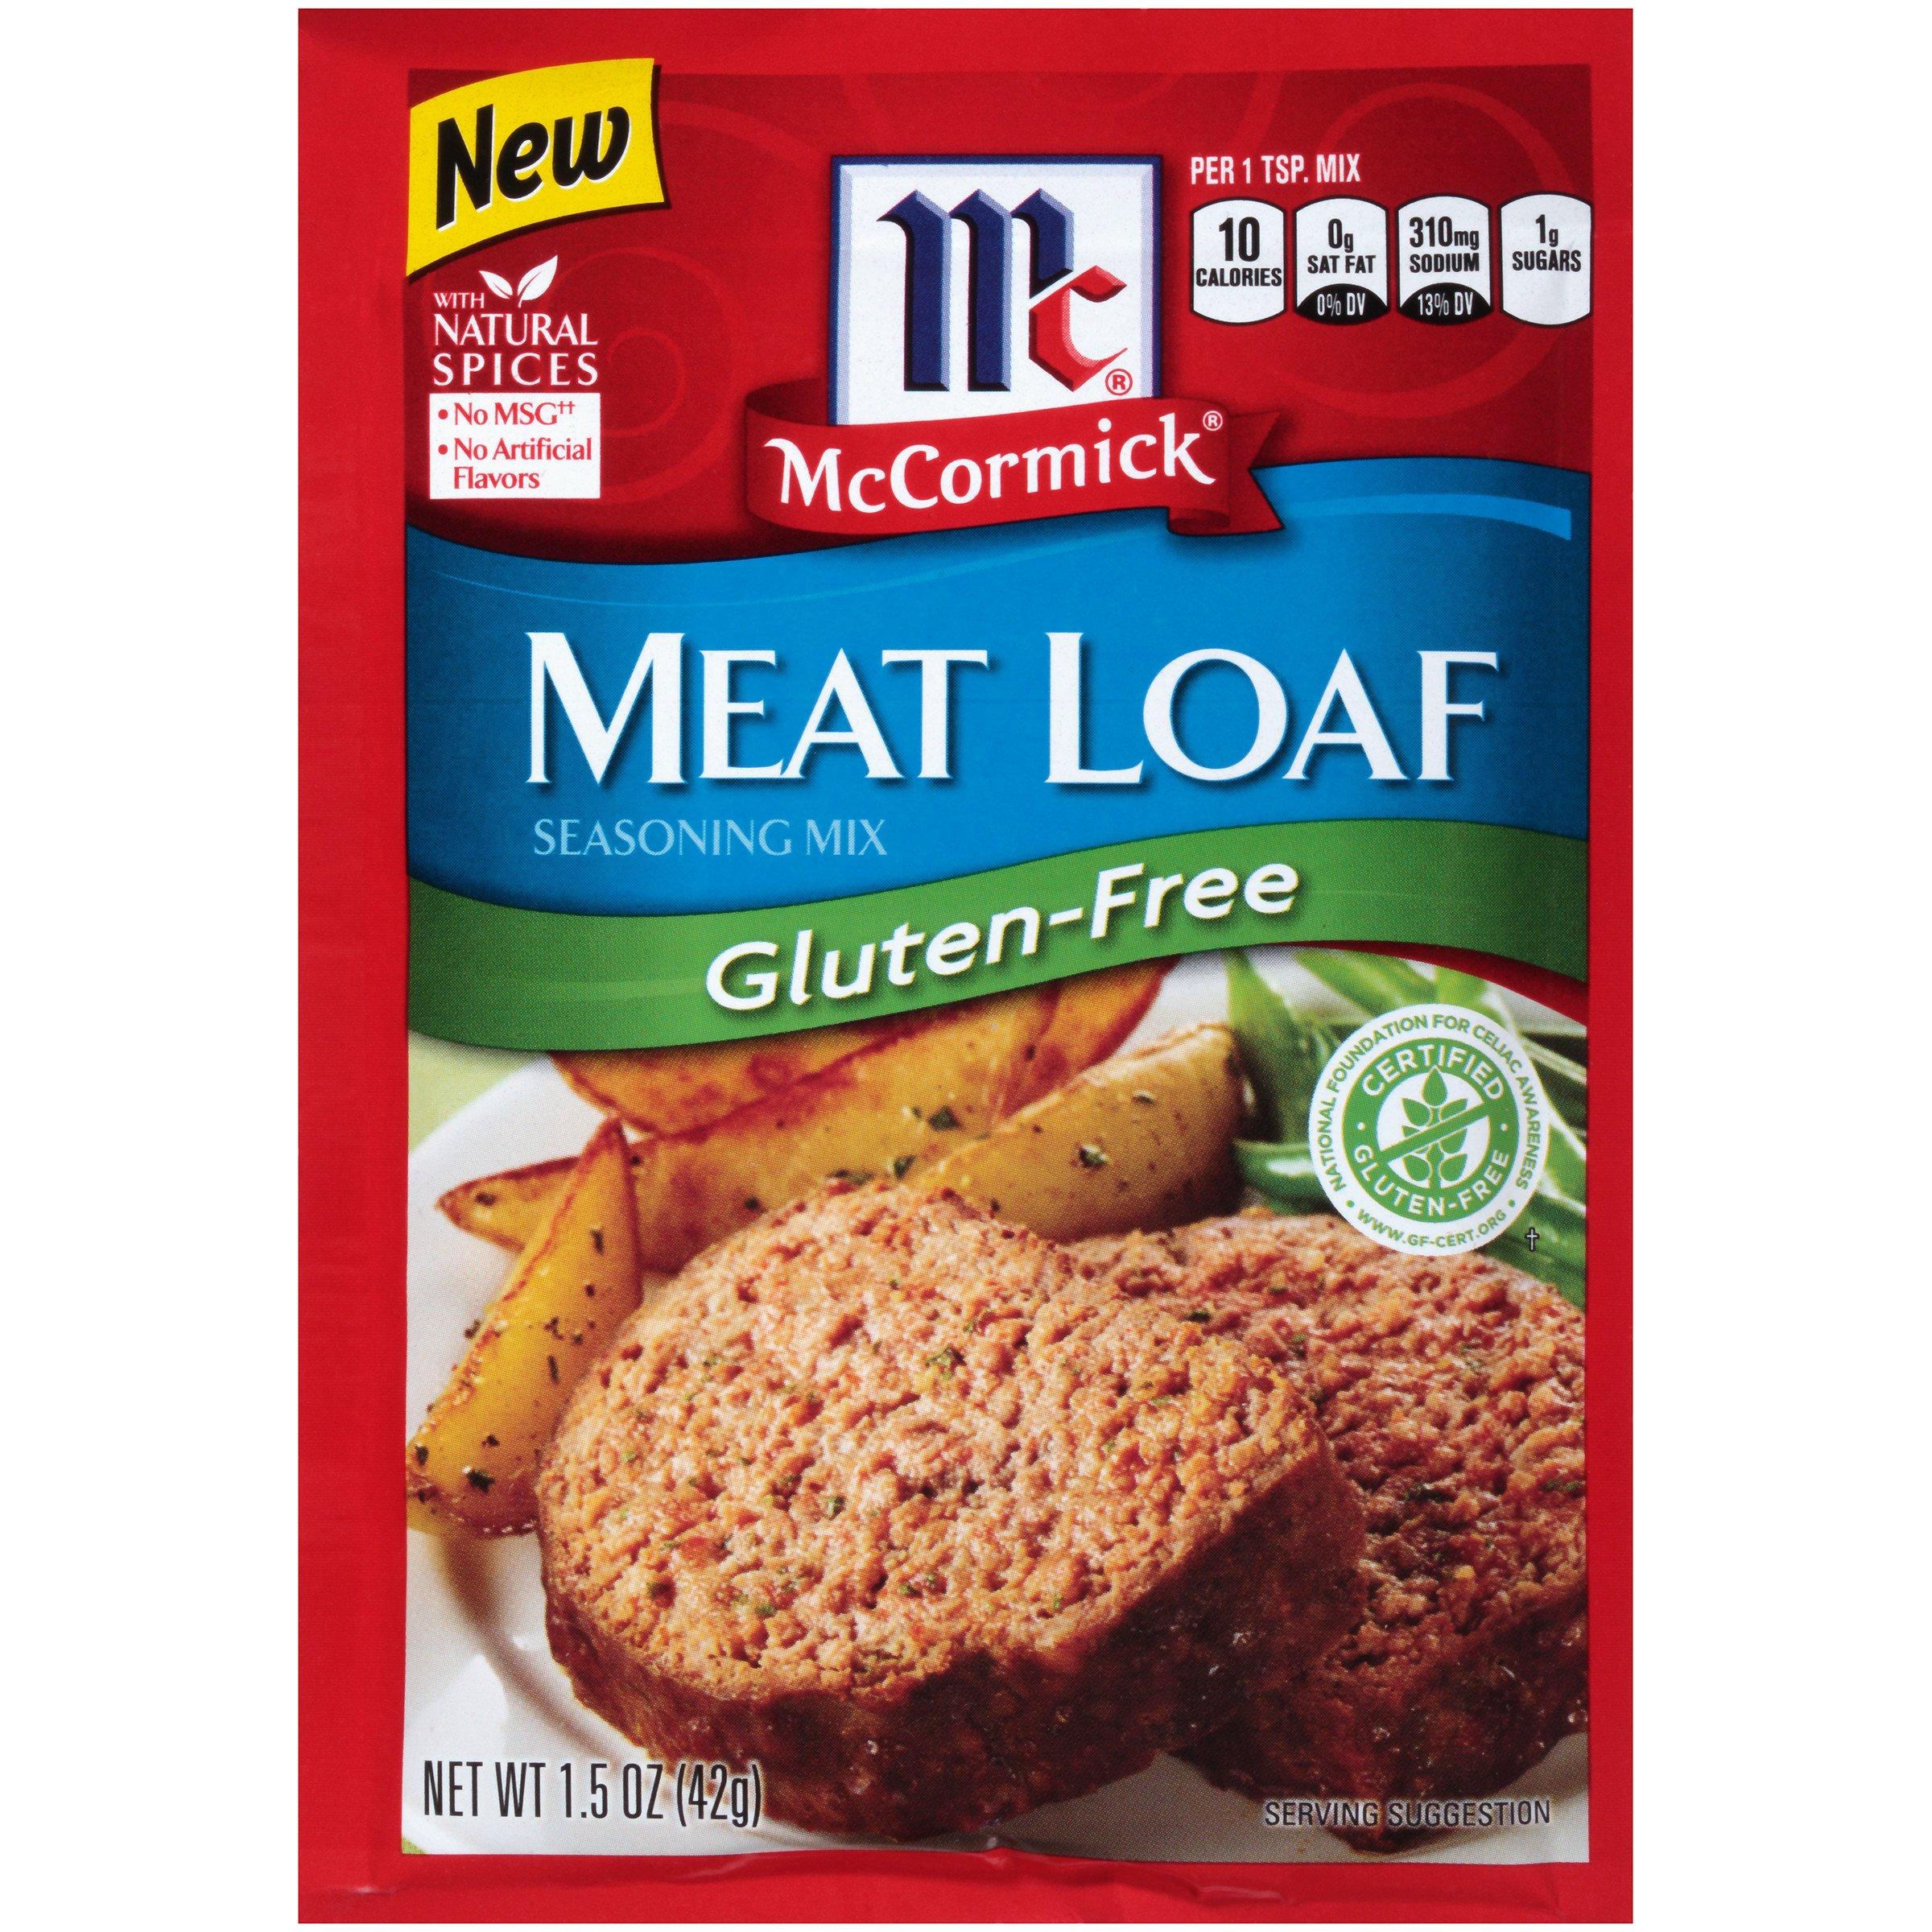 McCormick Gluten Free Meatloaf Seasoning, 1.5 oz by McCormick (Image #1)